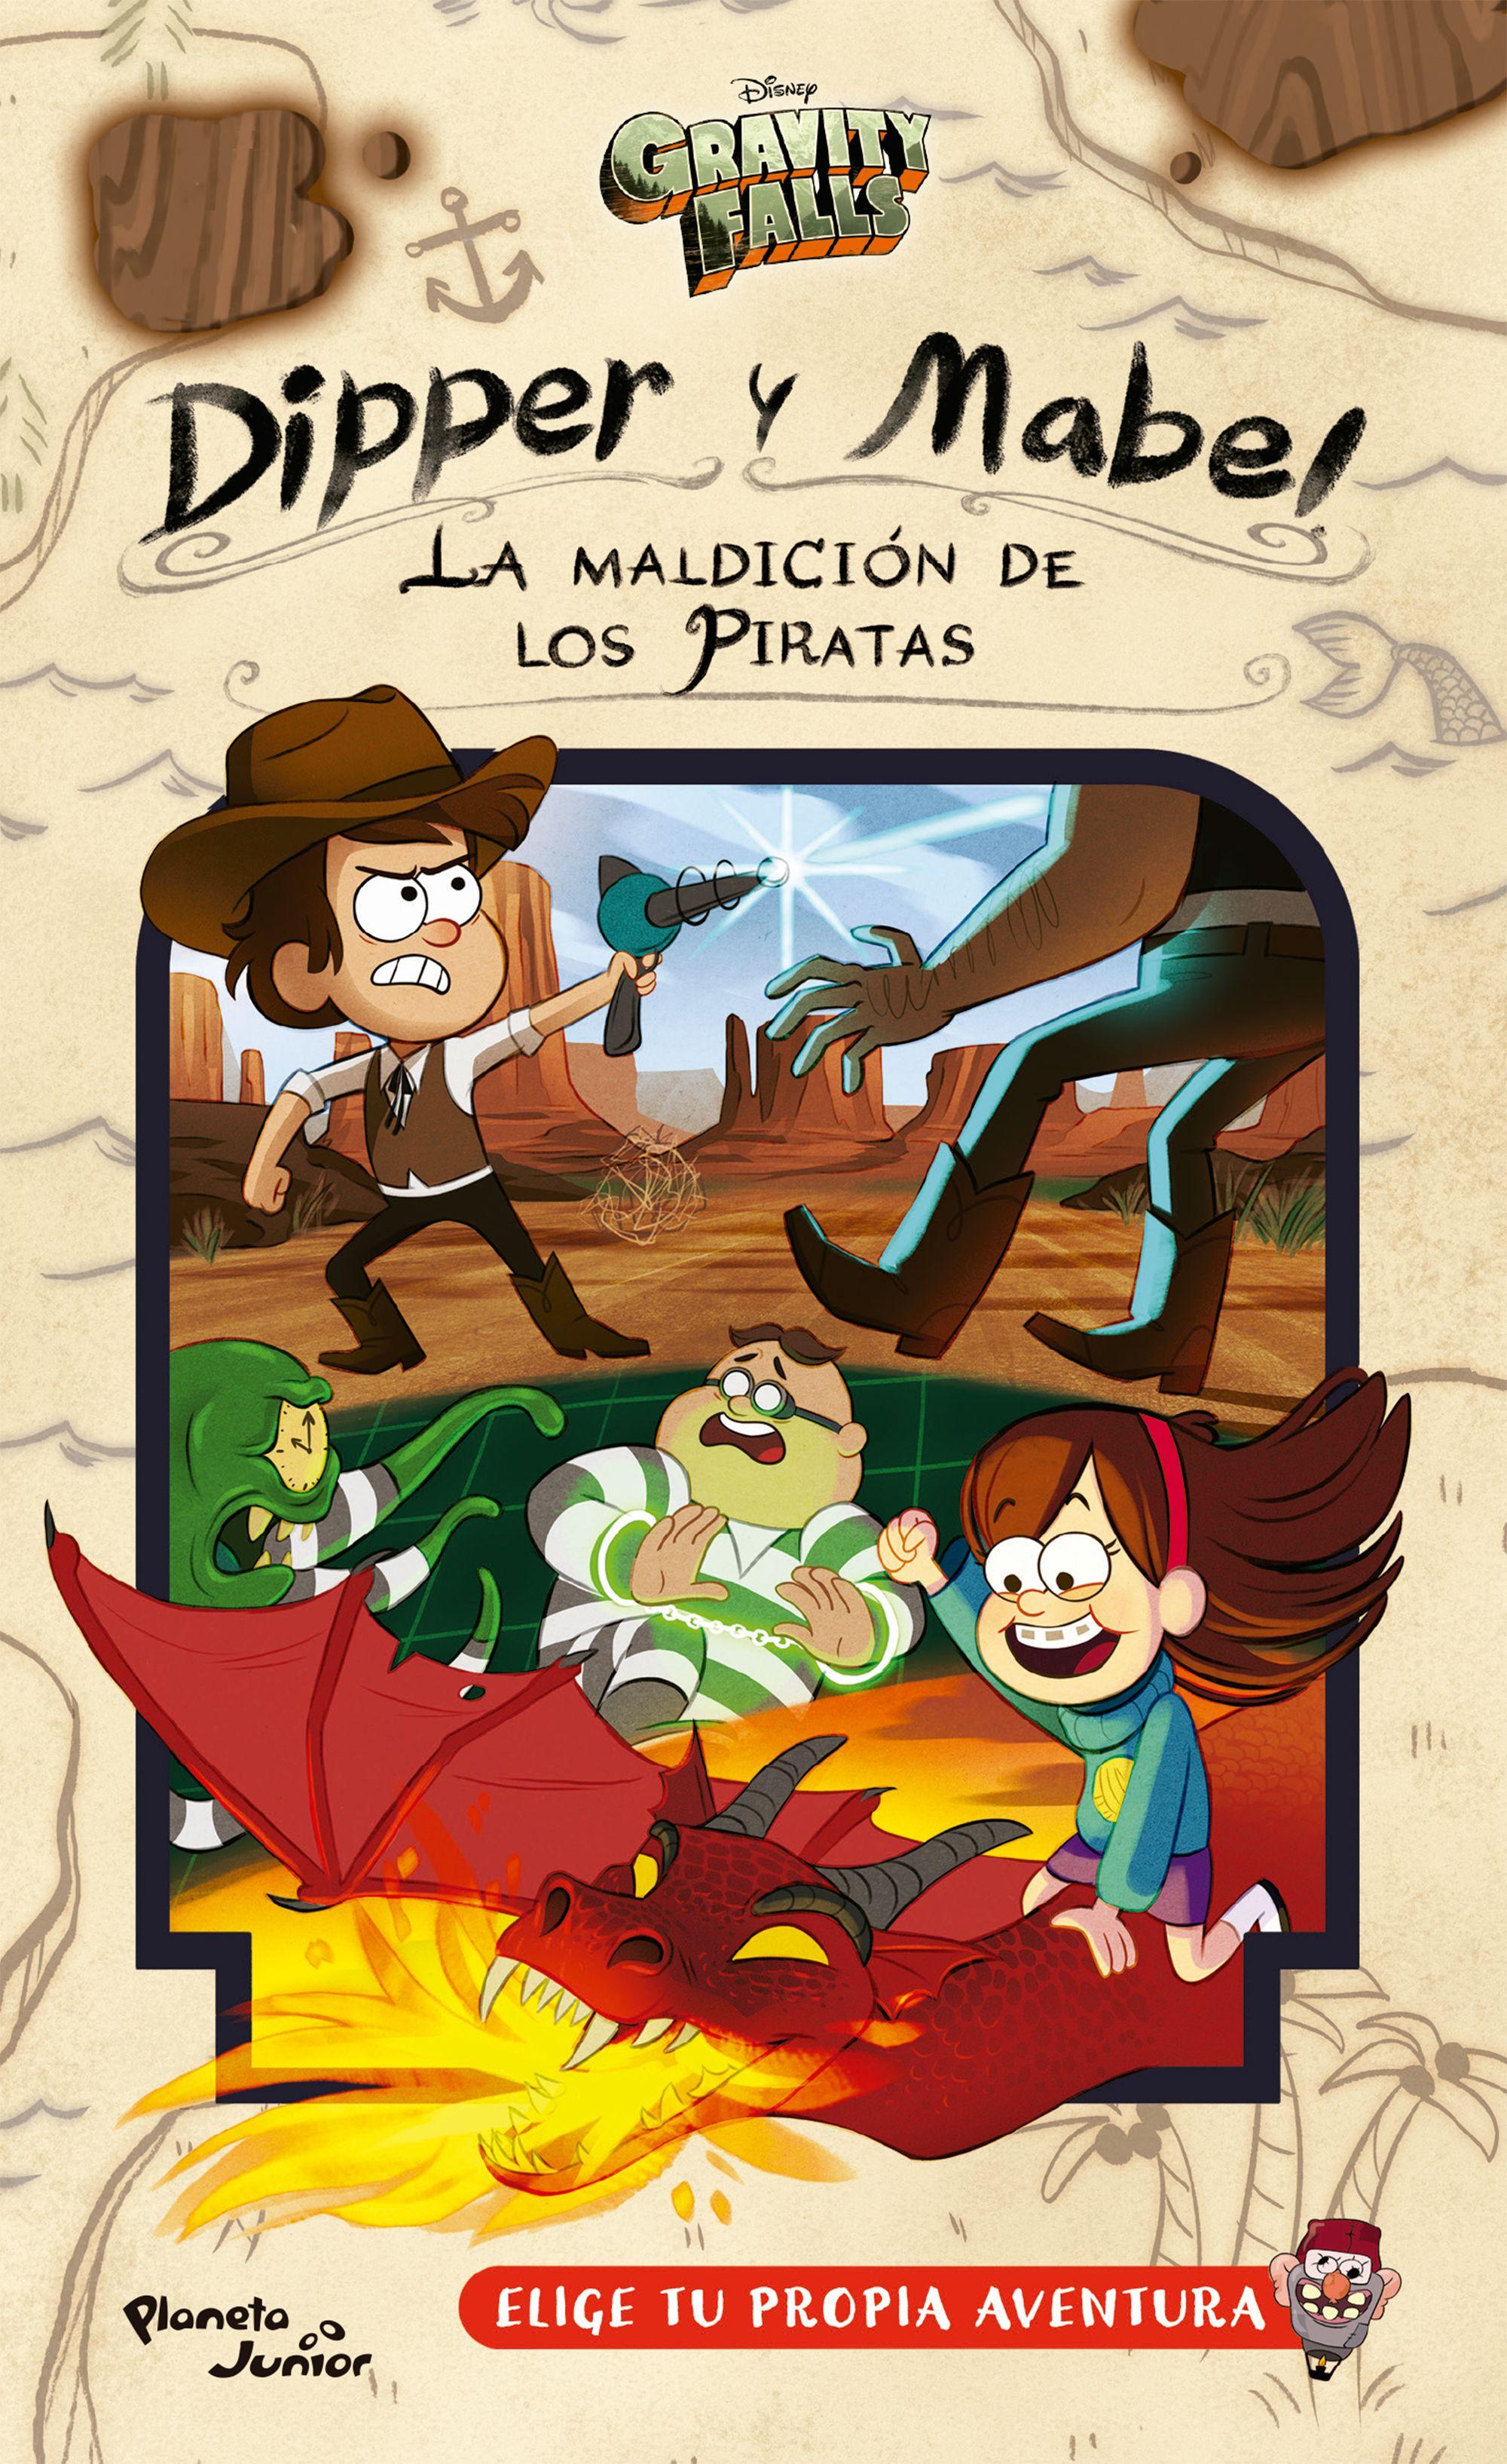 Dipper y Mabel la Maldición de los Piratas - Disney - Planeta Junior